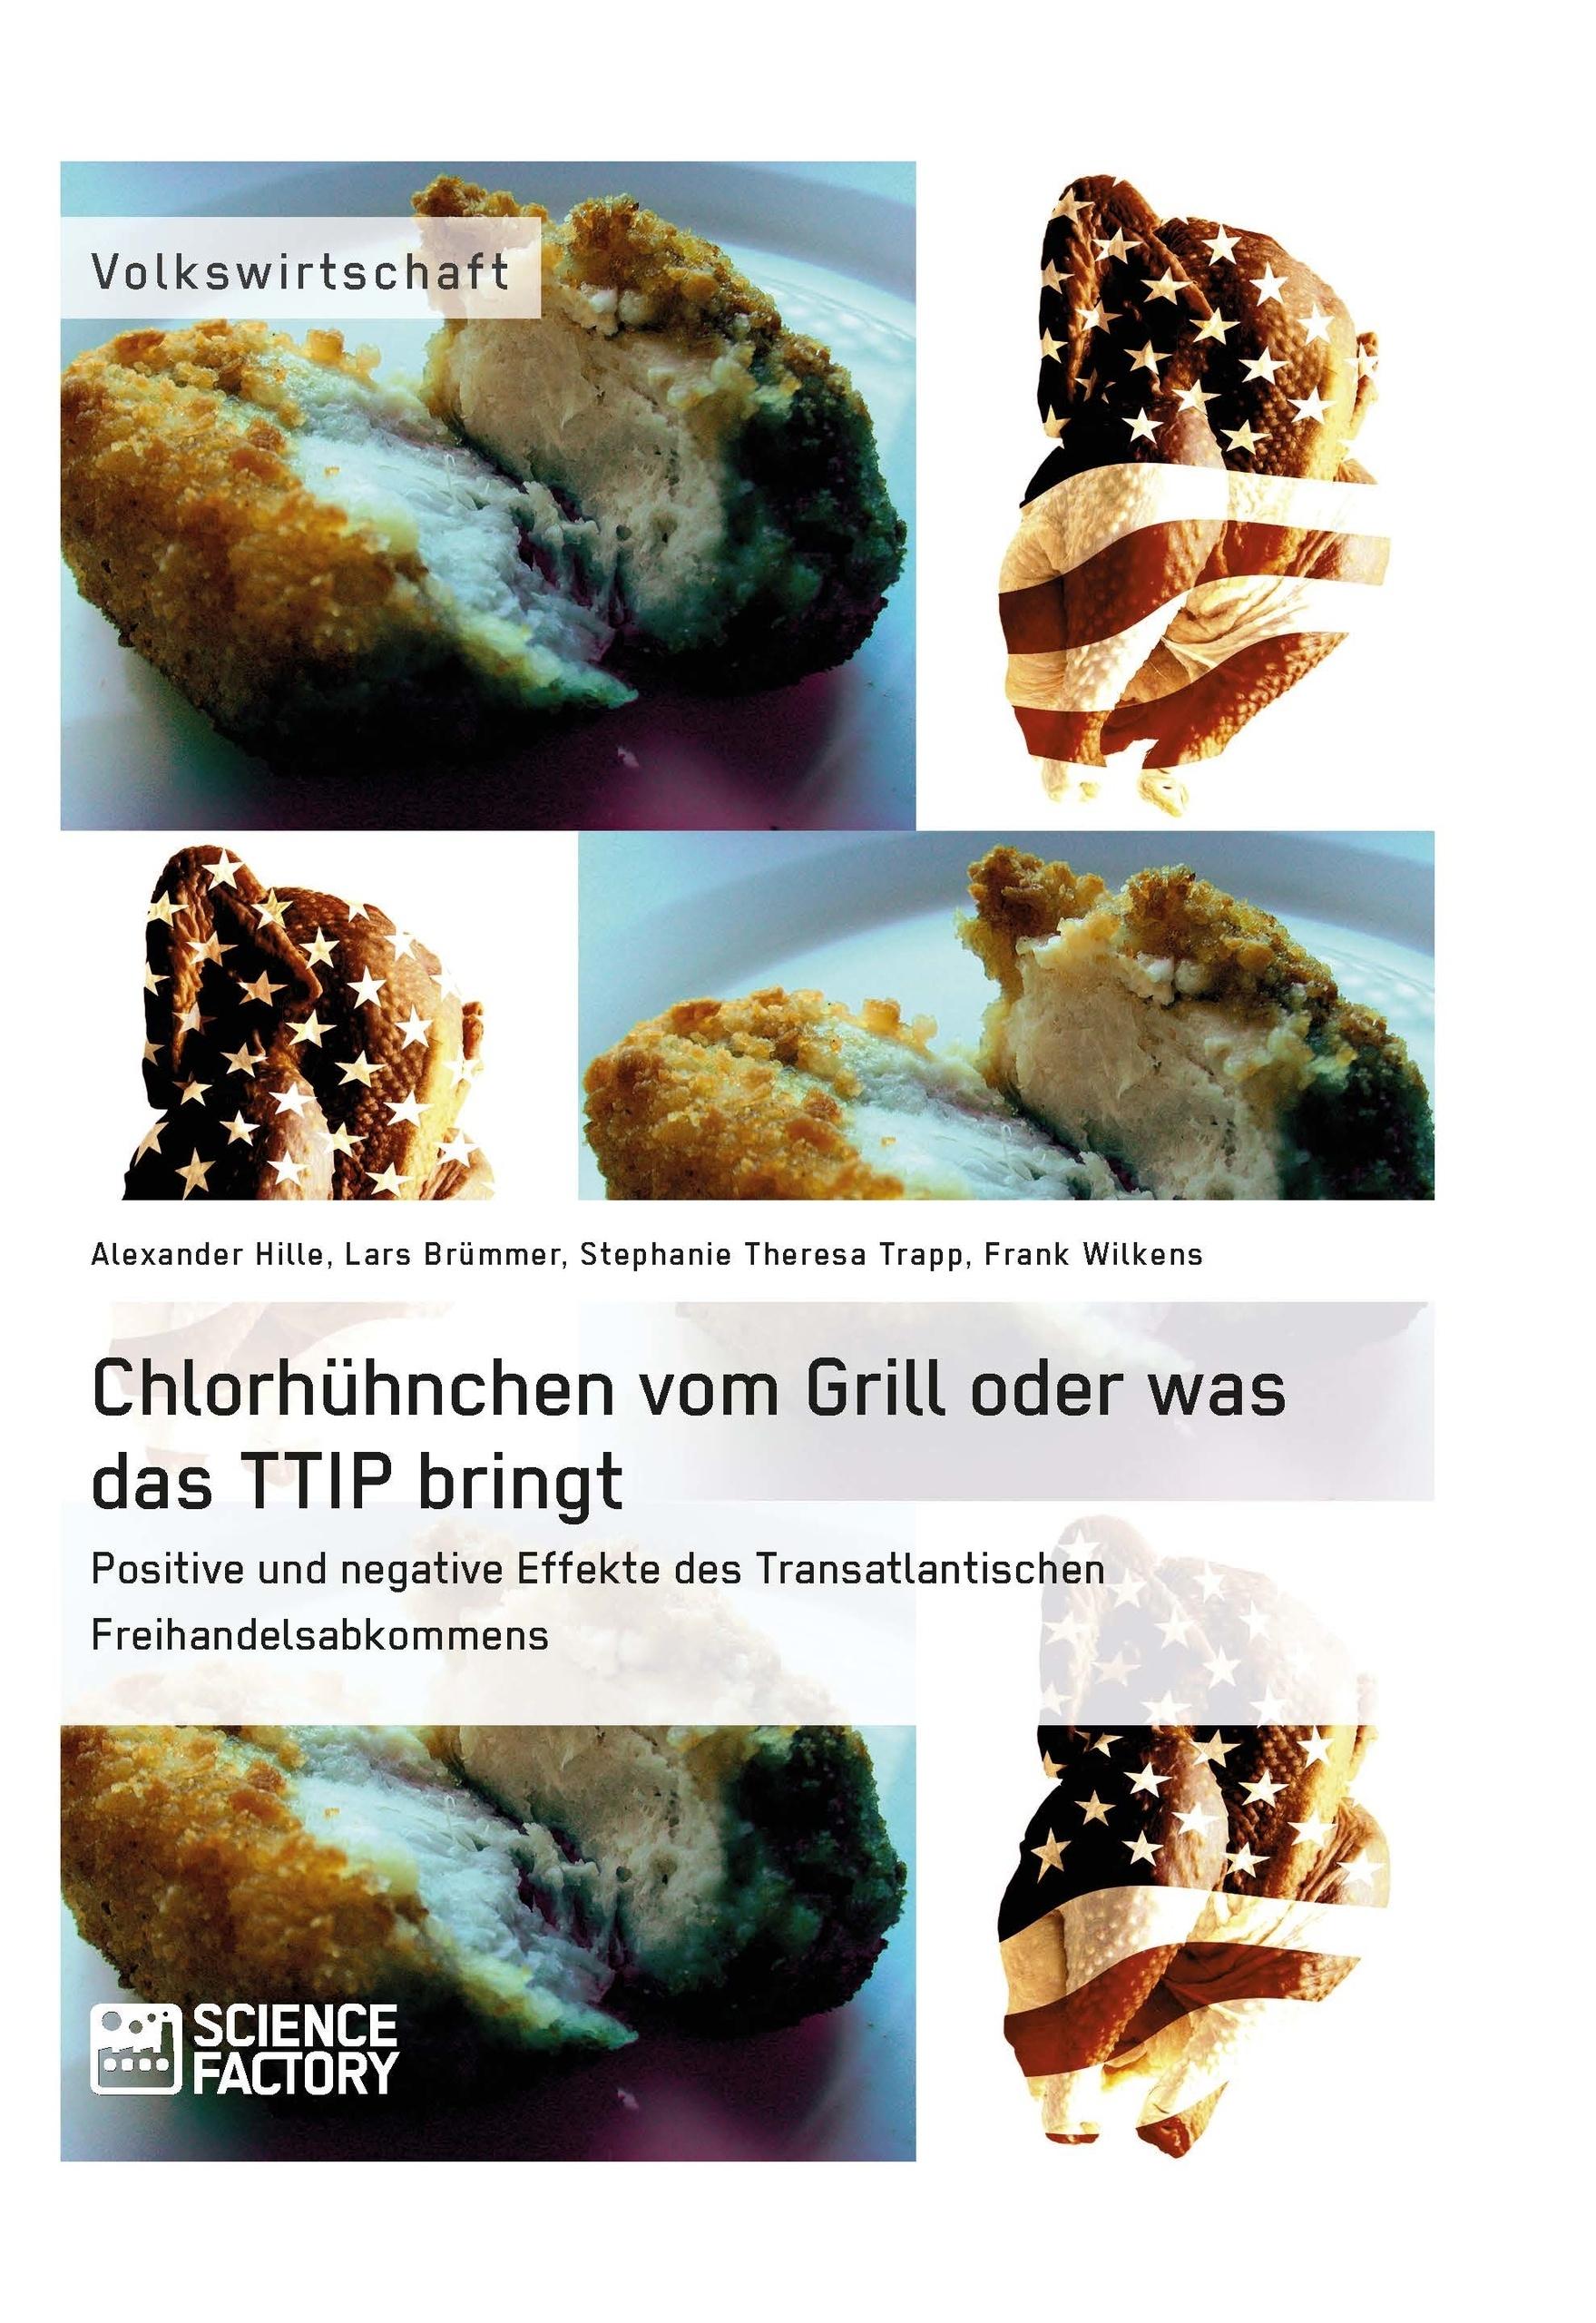 Titel: Chlorhühnchen vom Grill oder was das TTIP bringt. Positive und negative Effekte des Transatlantischen Freihandelsabkommens